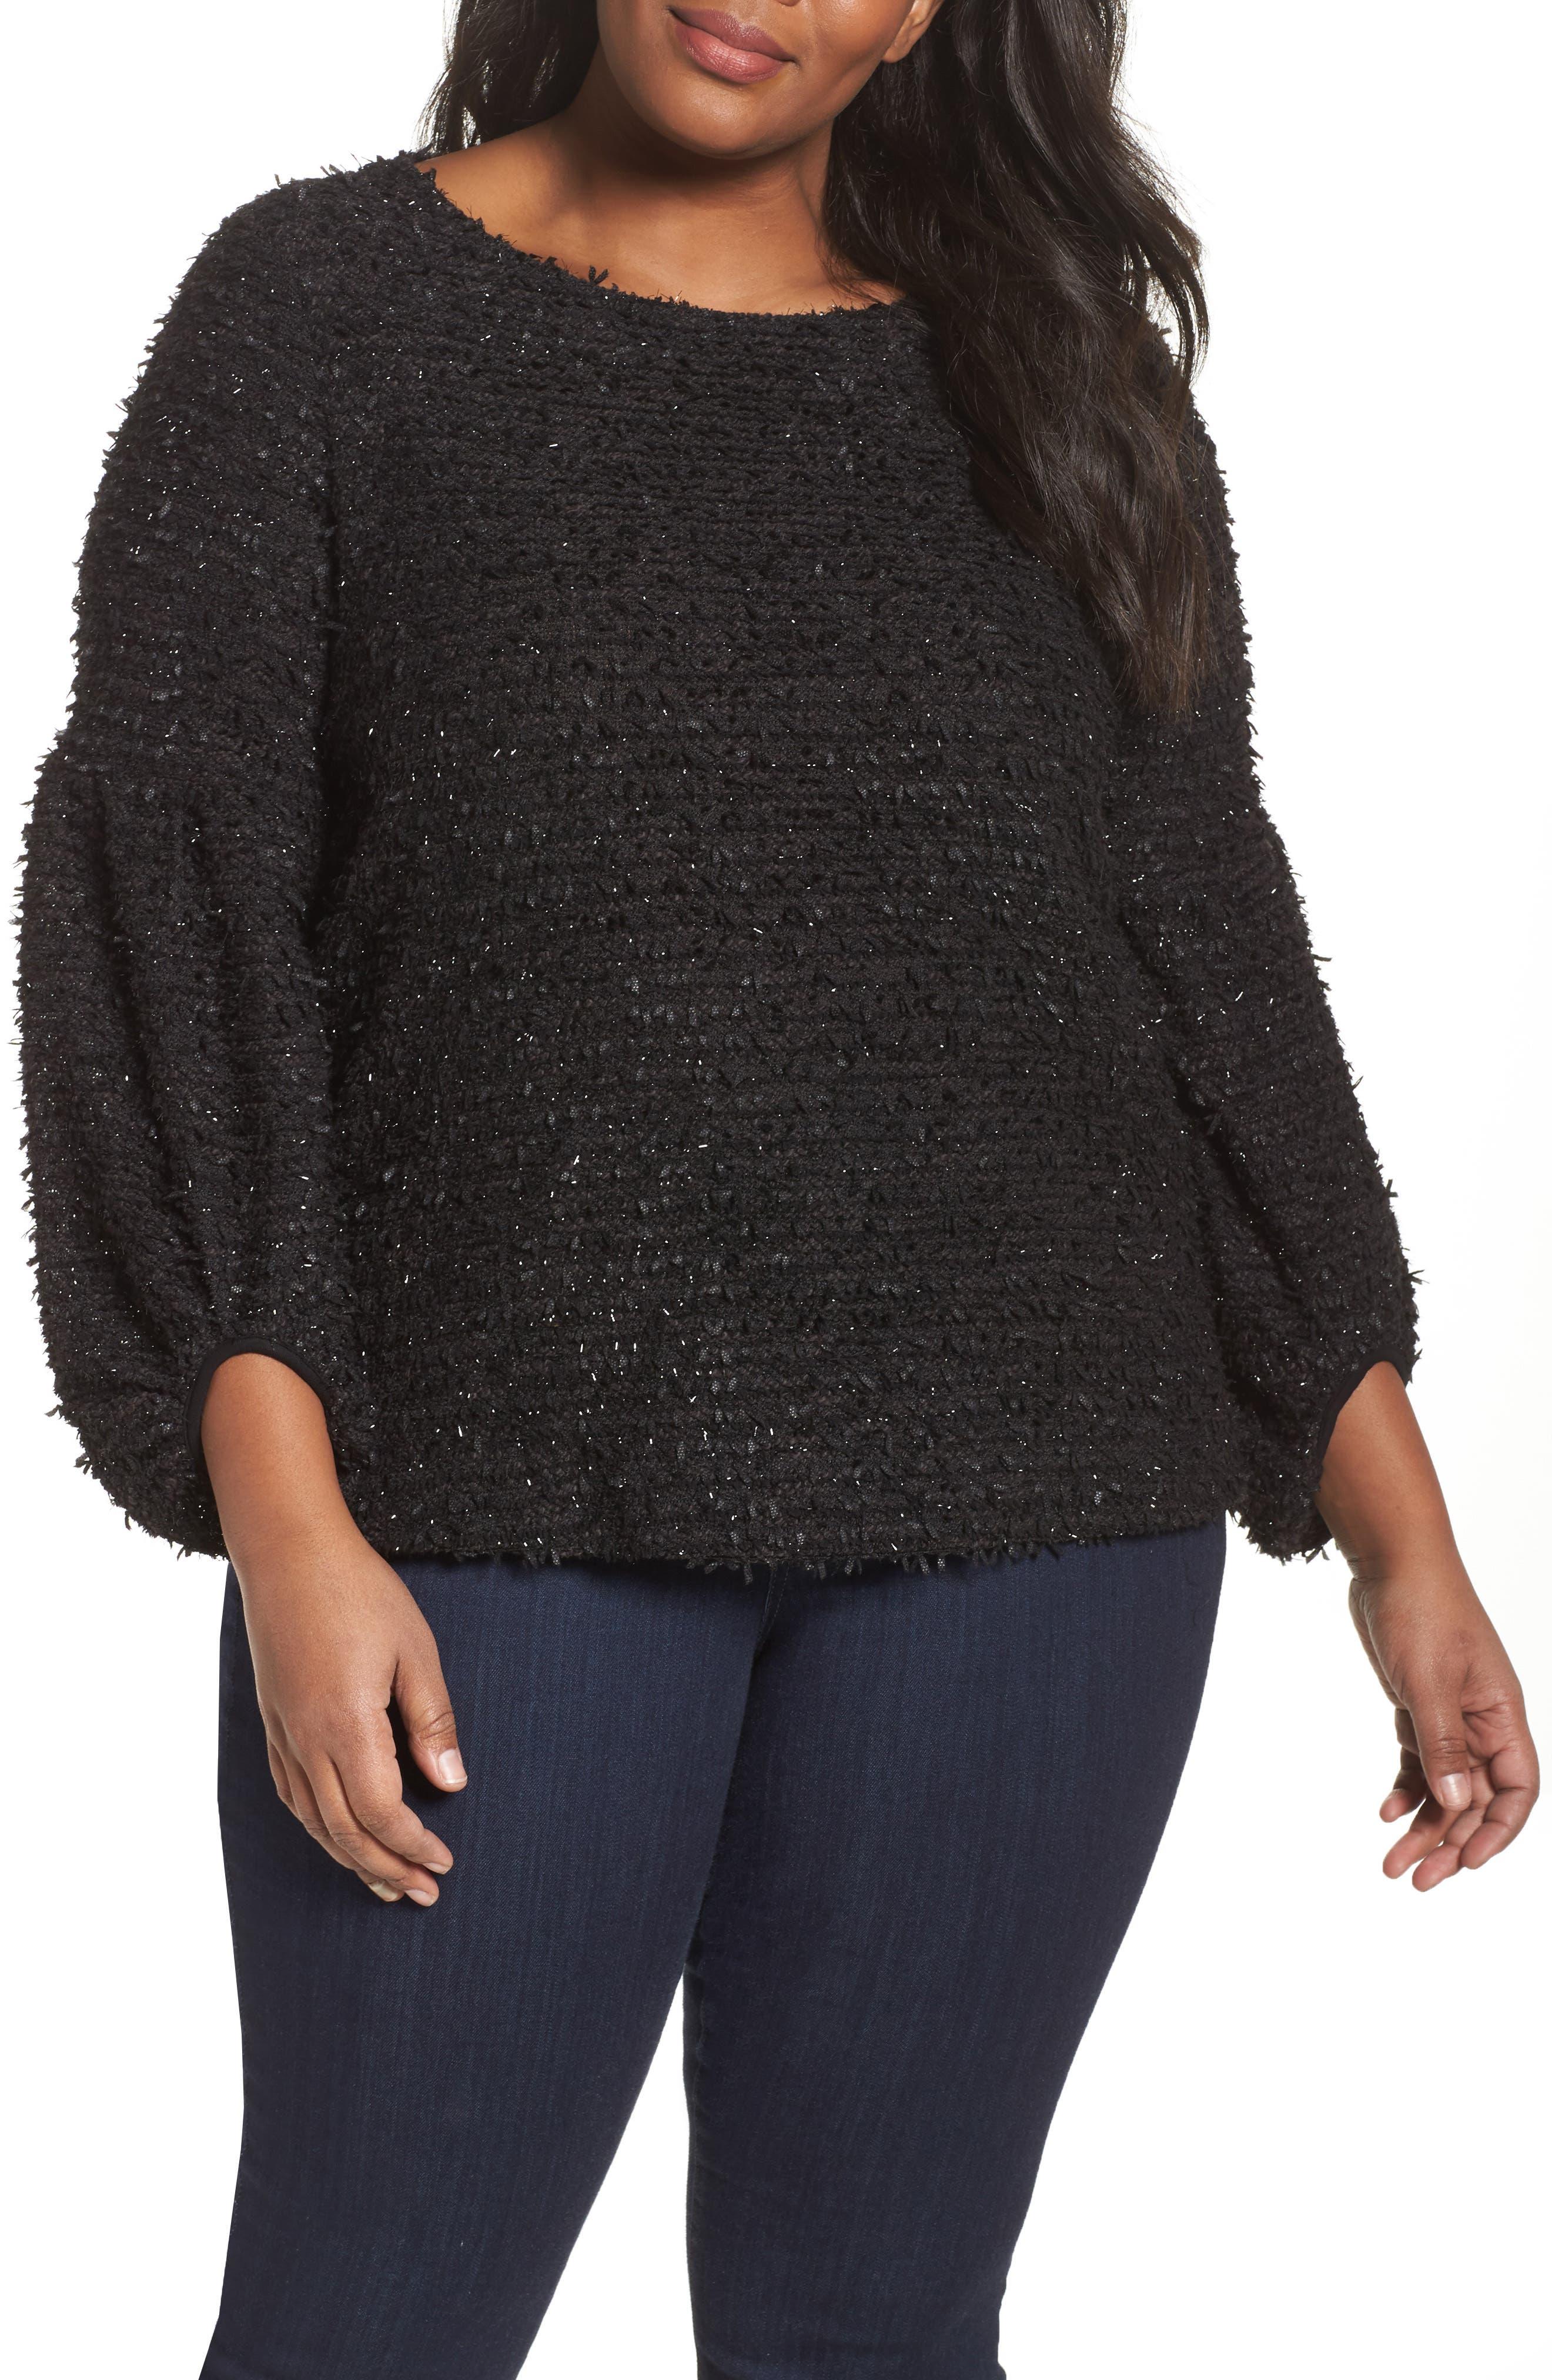 Vince Camuto Eyelash Knit Bubble Sleeve Sweater (Plus Size)